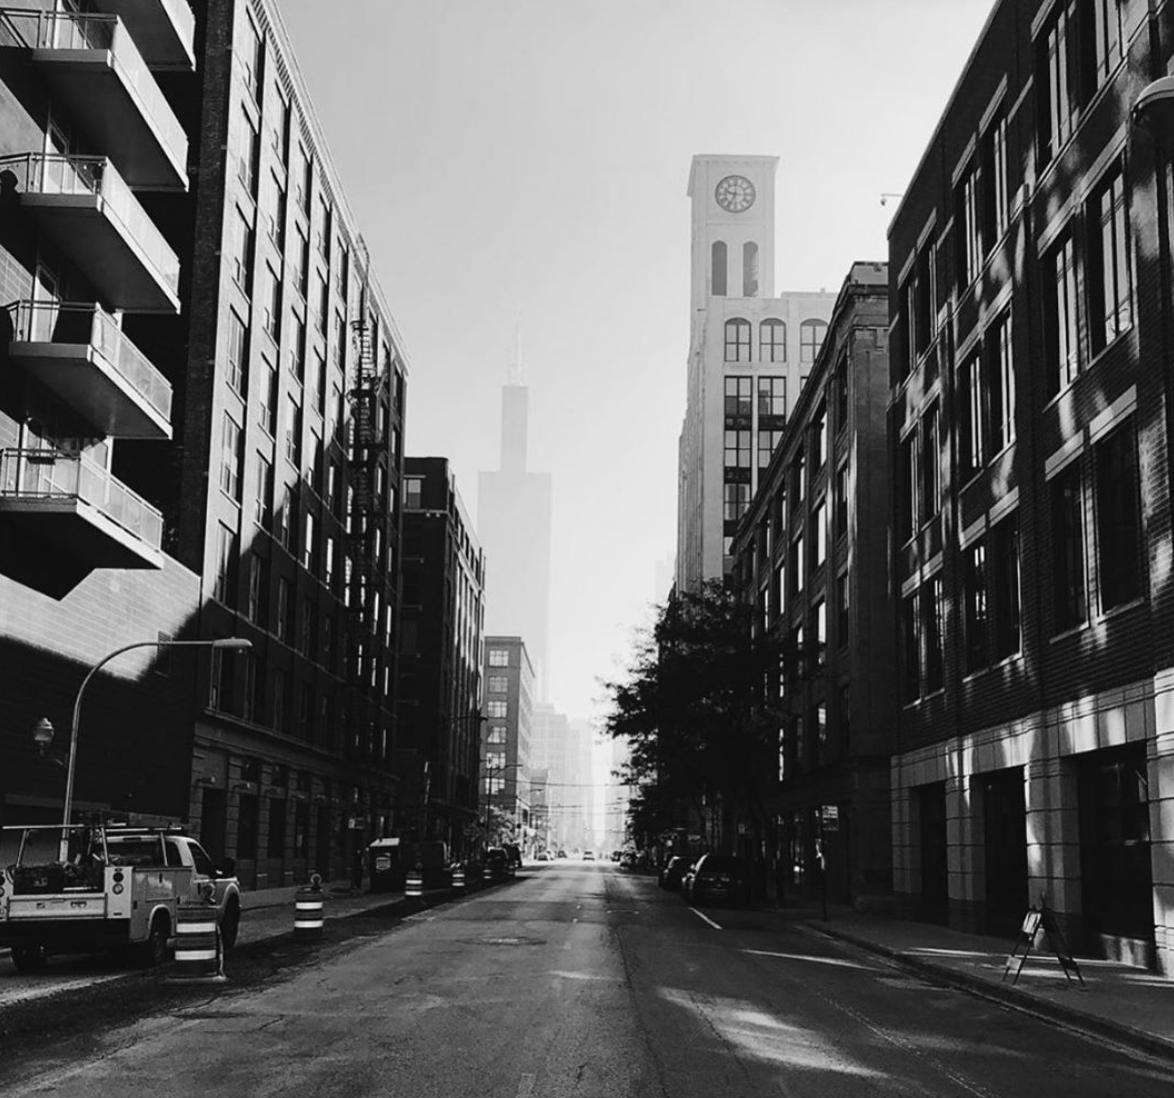 马尔卡宁Ins晒芝加哥街景:我已经挺久没出门了,哈哈